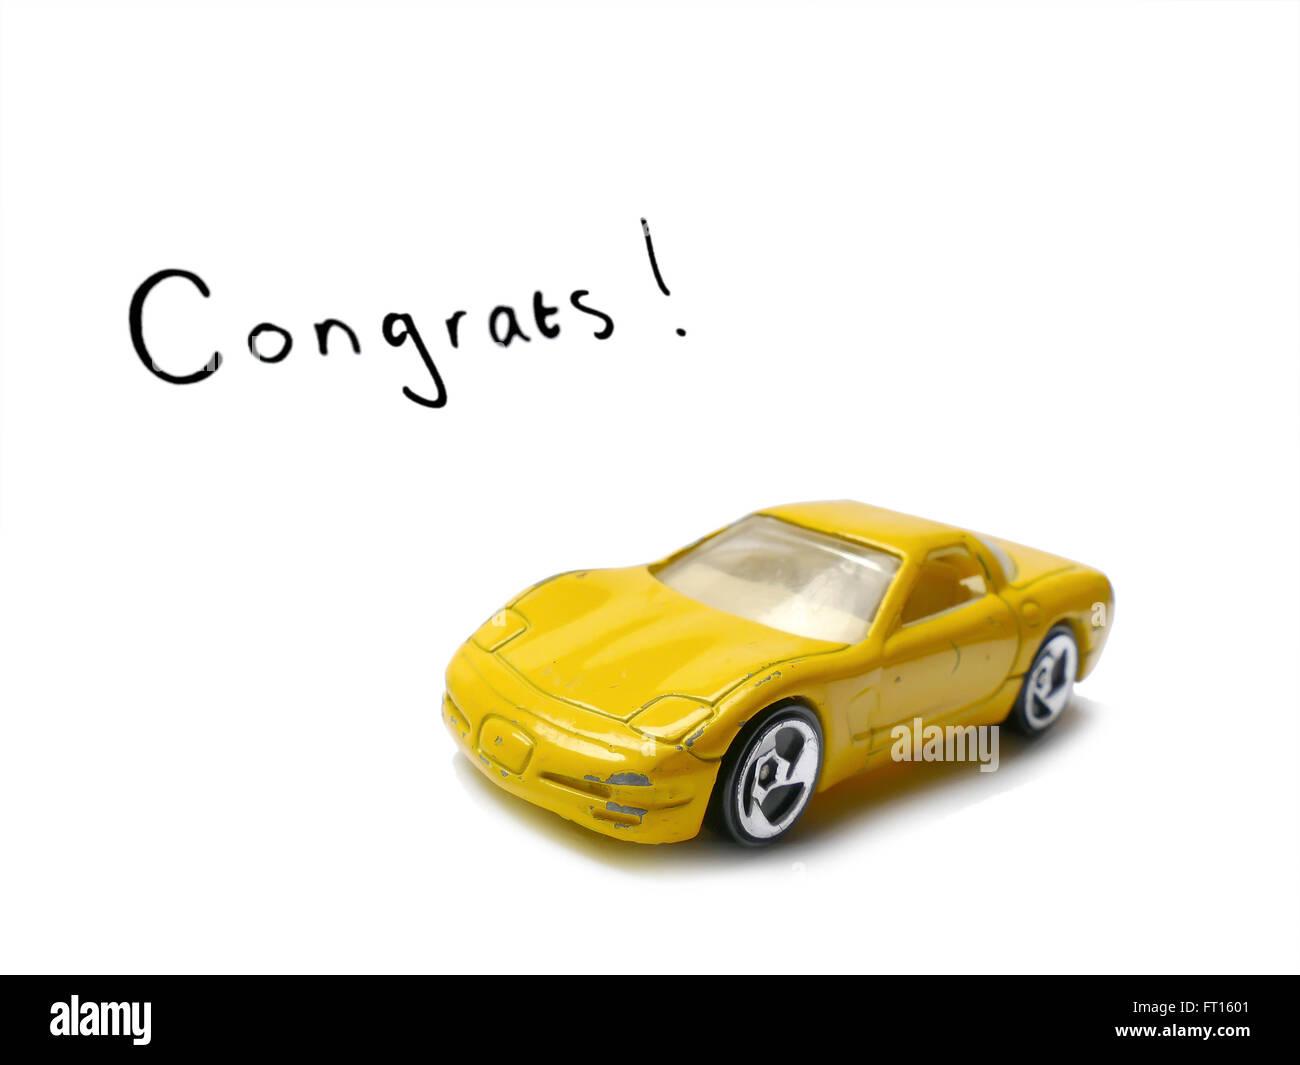 Felicitaciones la licencia de conductor con el viejo modelo de coche de juguete Imagen De Stock